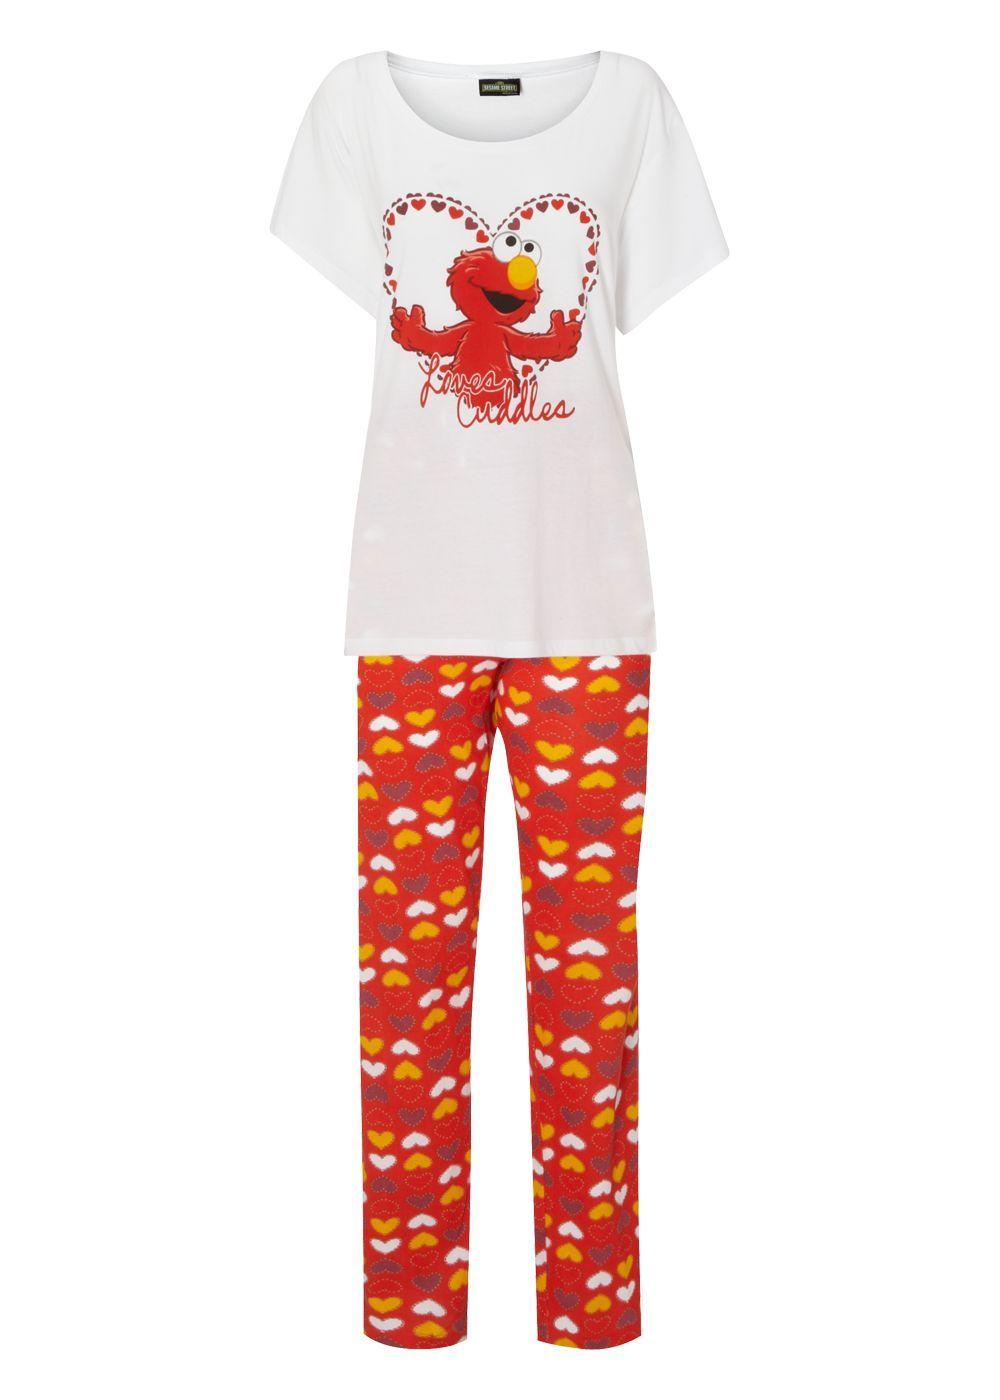 cc50021e9a Matalan - Elmo Sesame Street Pyjama Set